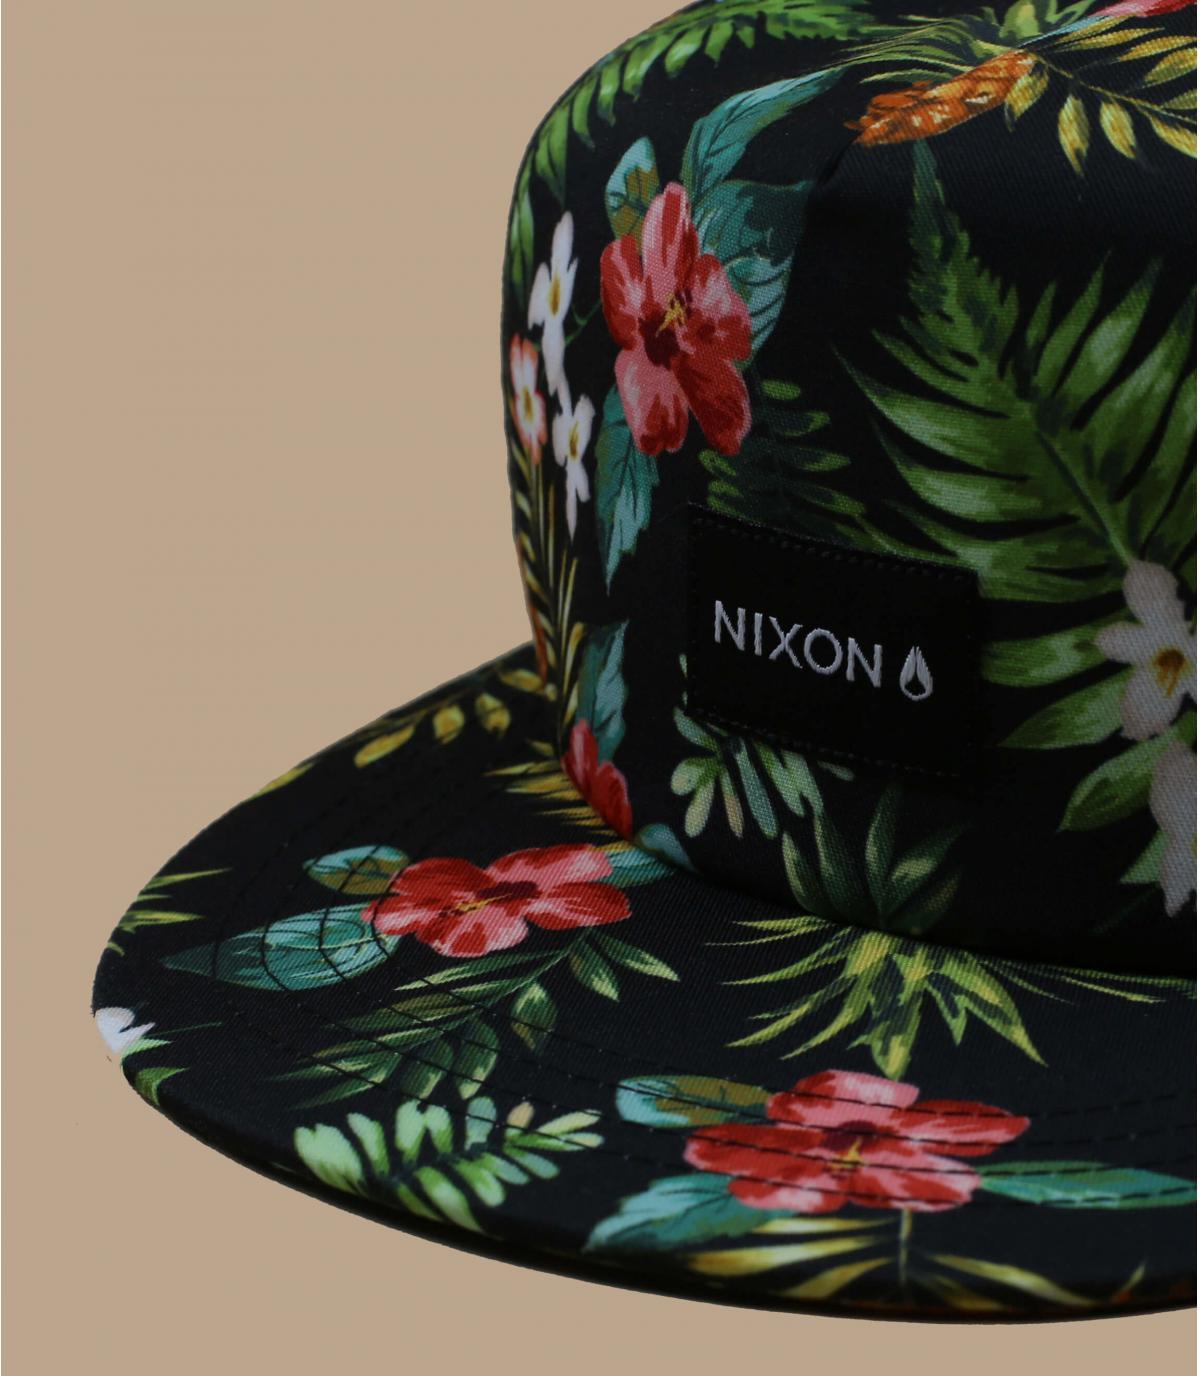 Cap Blumen Nixon